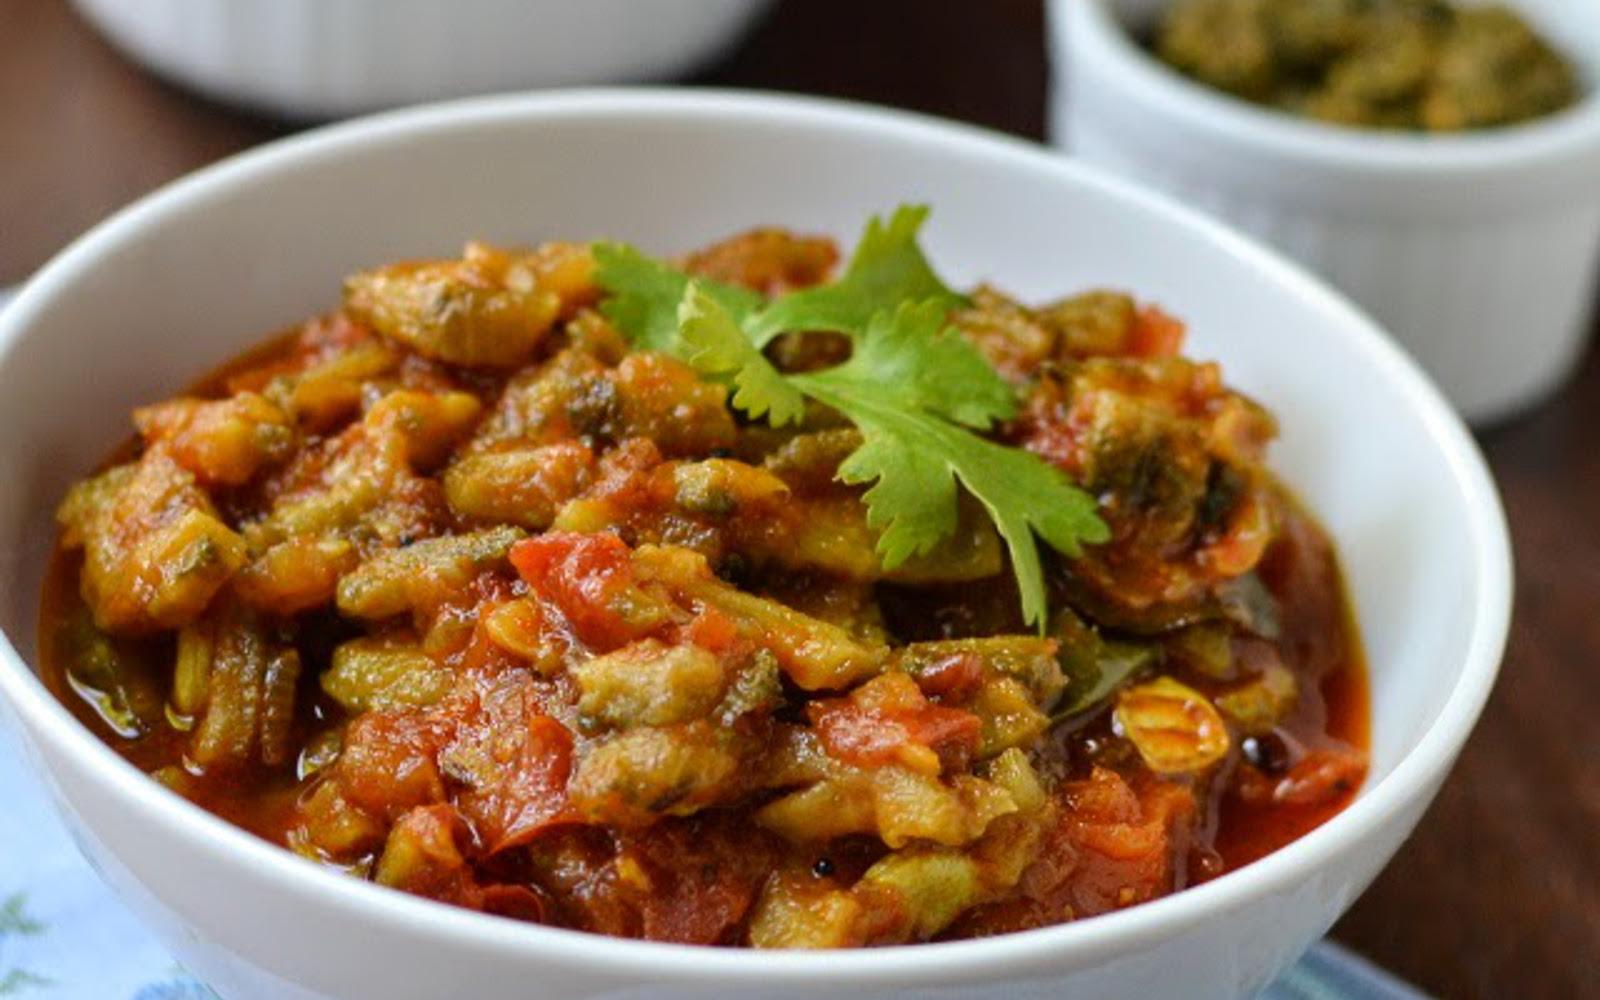 Kakarakaya Tomato Kura: Bitter Melon Tomato Curry